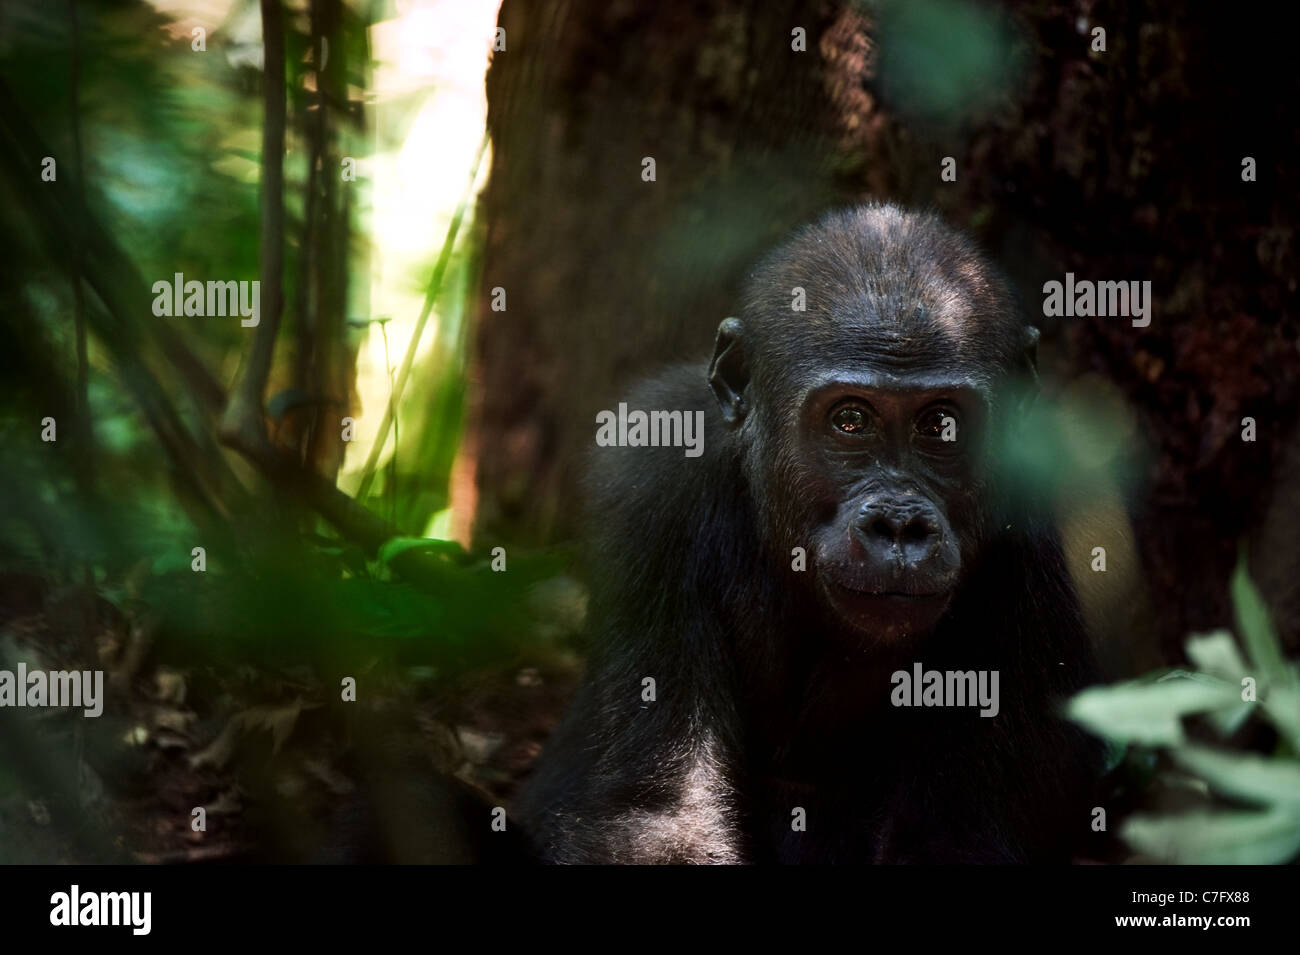 Il bambino di una pianura gorilla in un habitat naturale. Immagini Stock